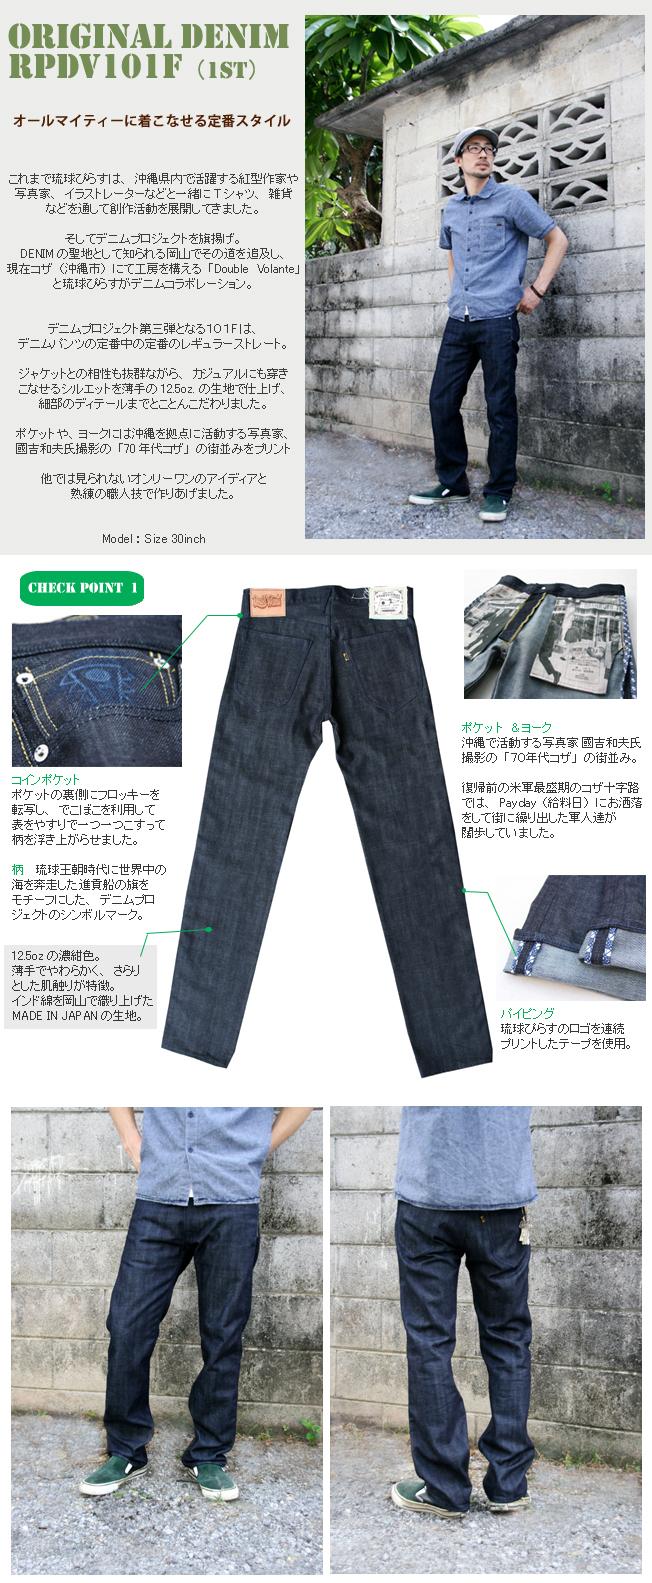 オリジナルデニム101